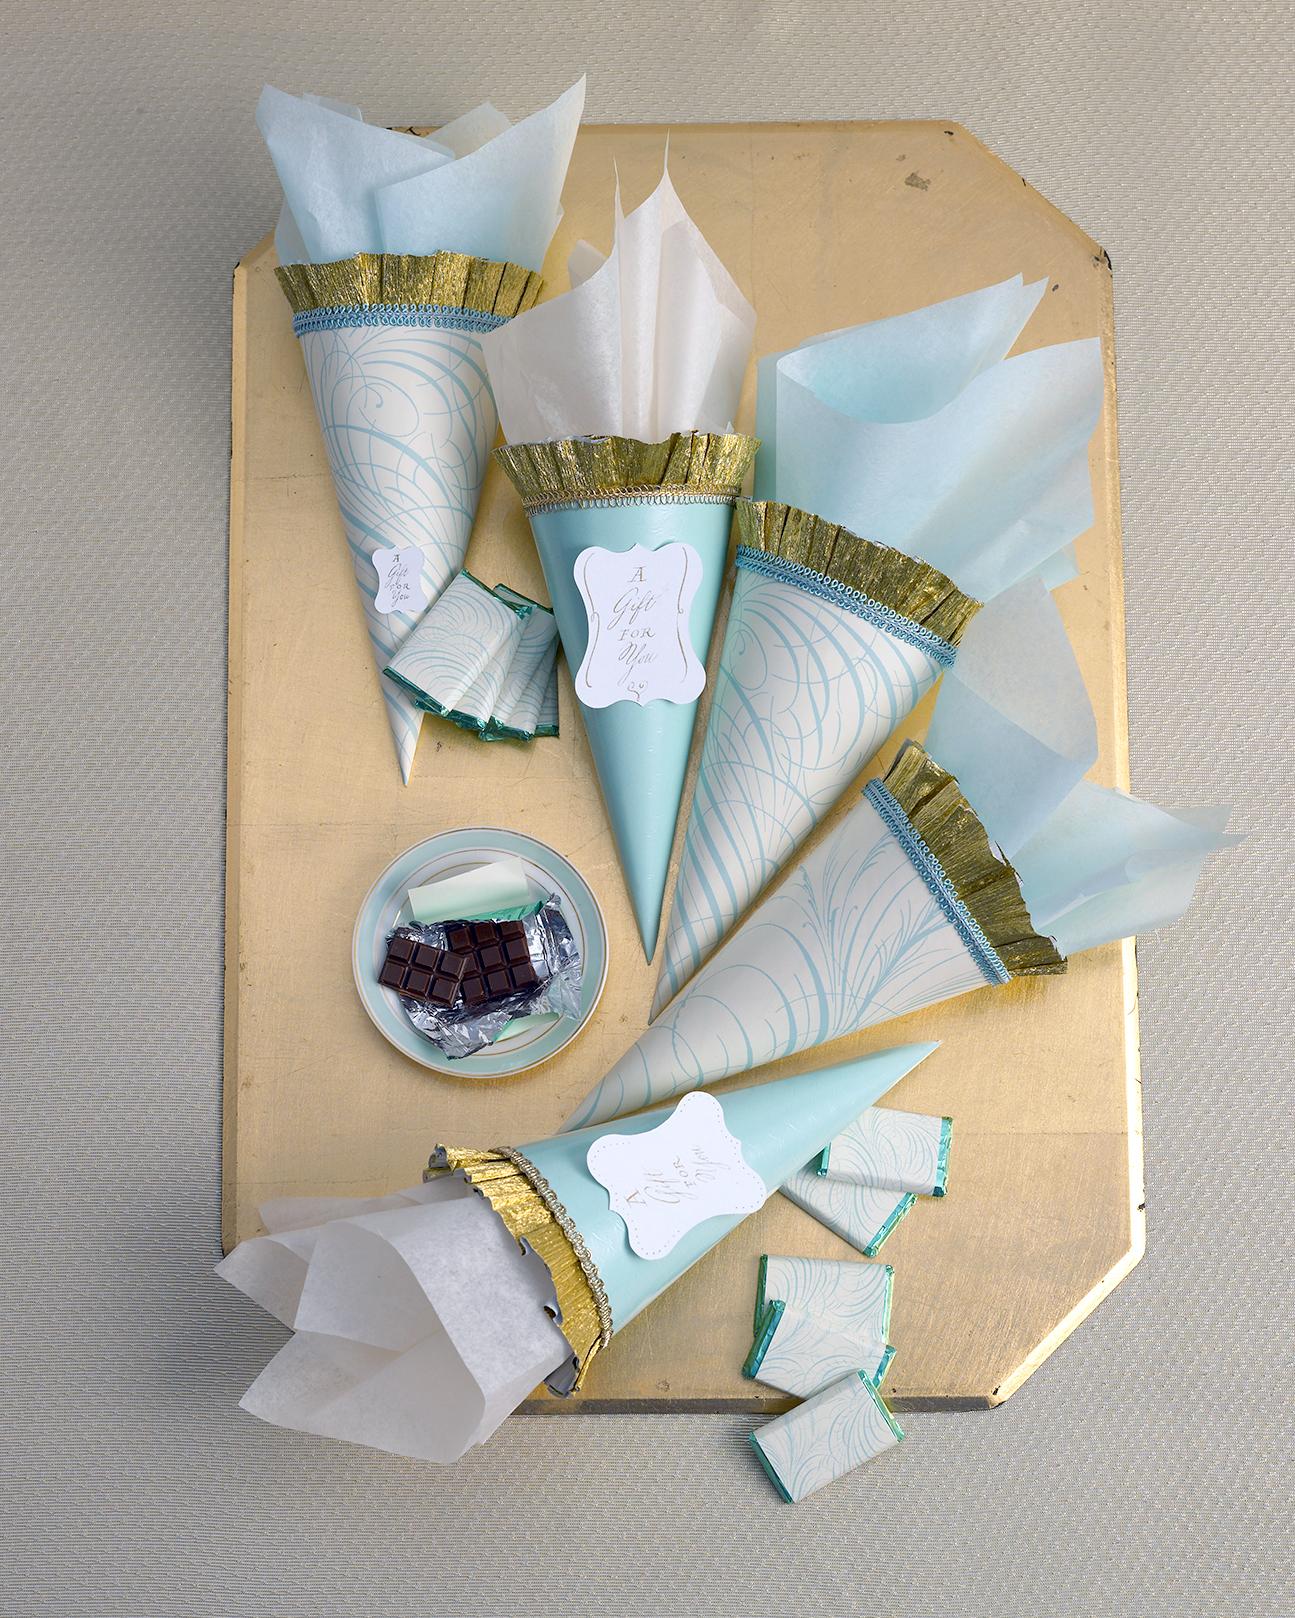 diy-winter-wedding-ideas-favor-cone-1114.jpg